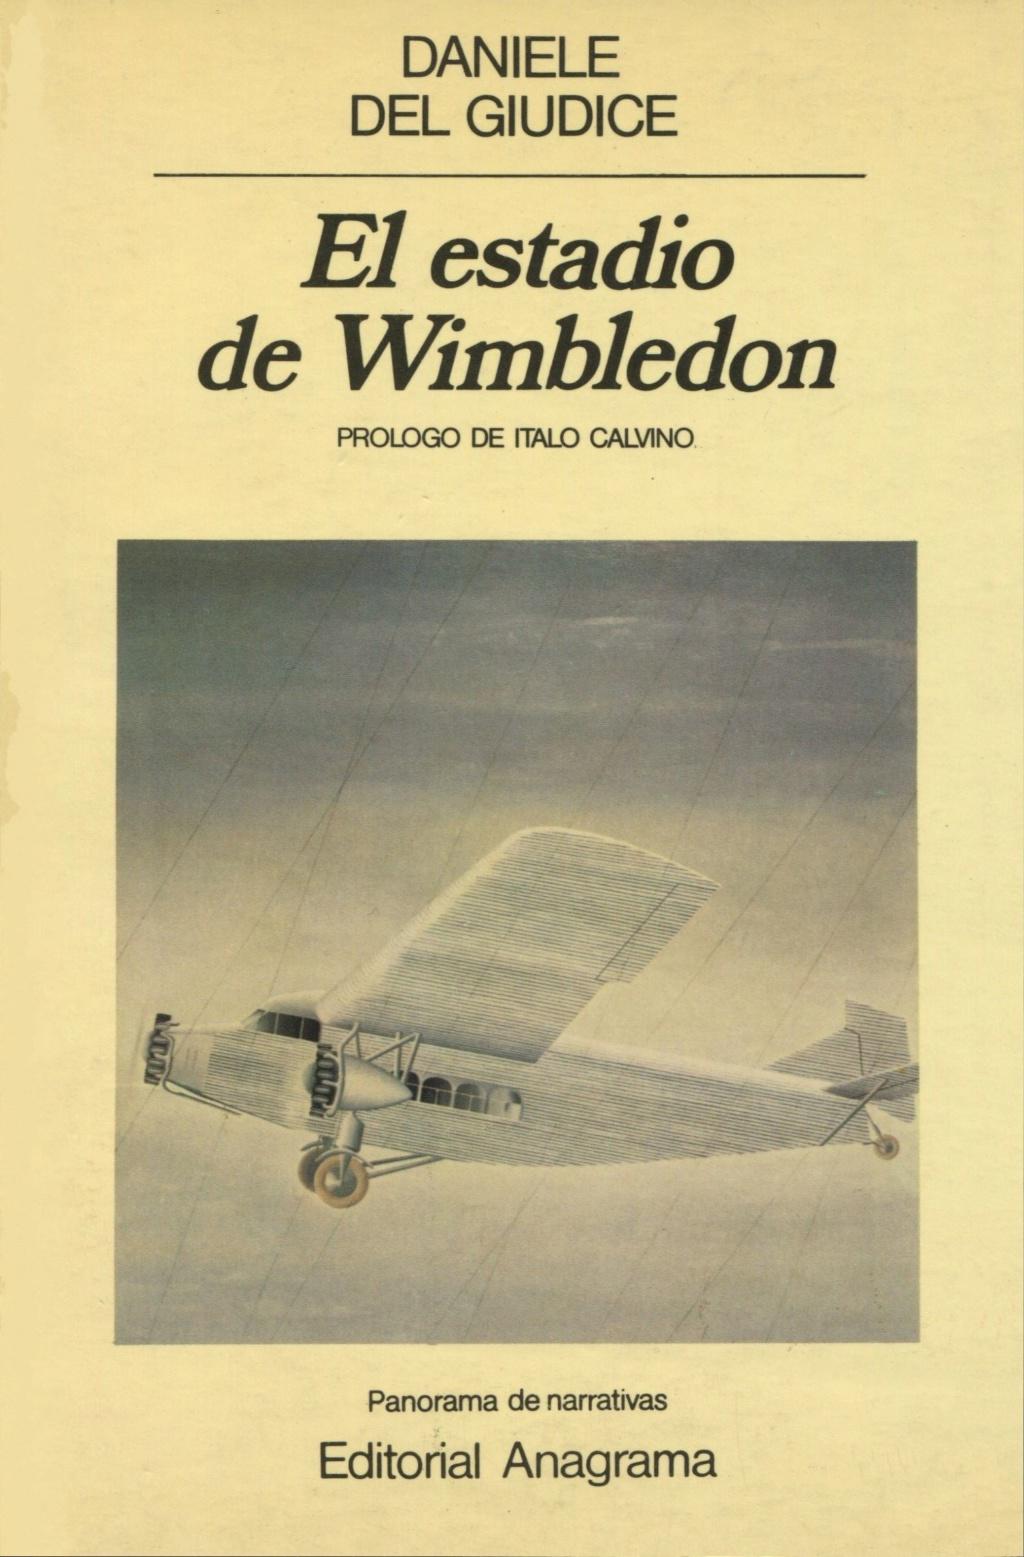 El estadio de Wimbledon - Daniele del Giudice Portad28